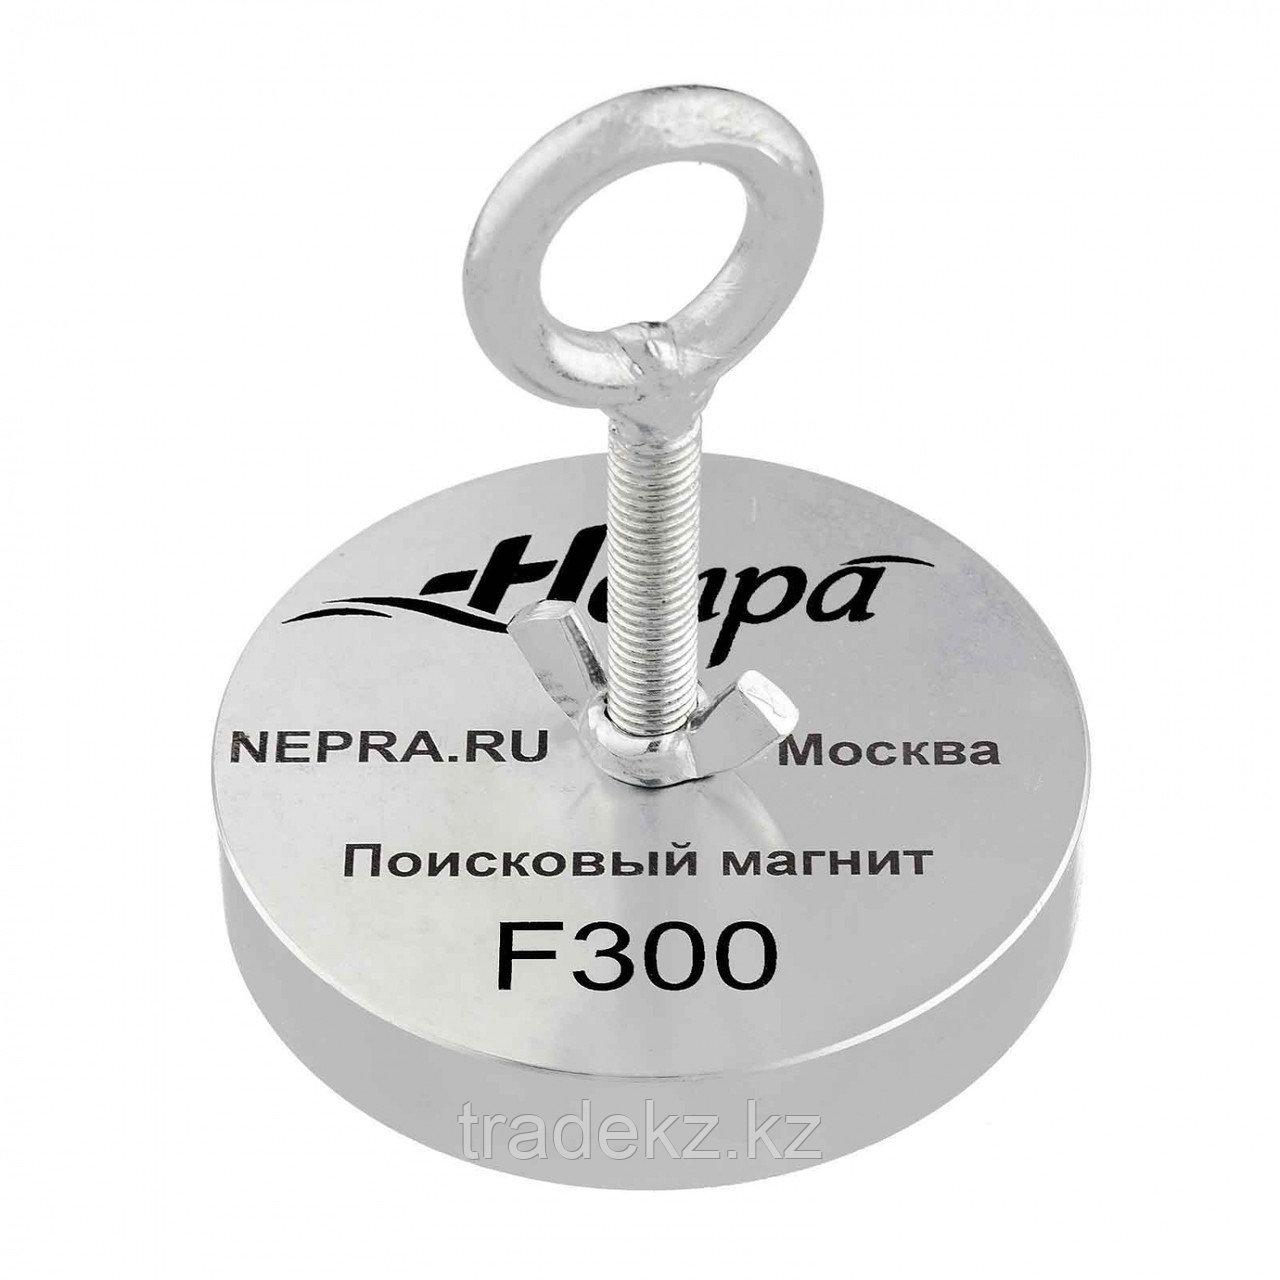 Поисковый магнит односторонний Непра F300, усилие отрыва 300 кг